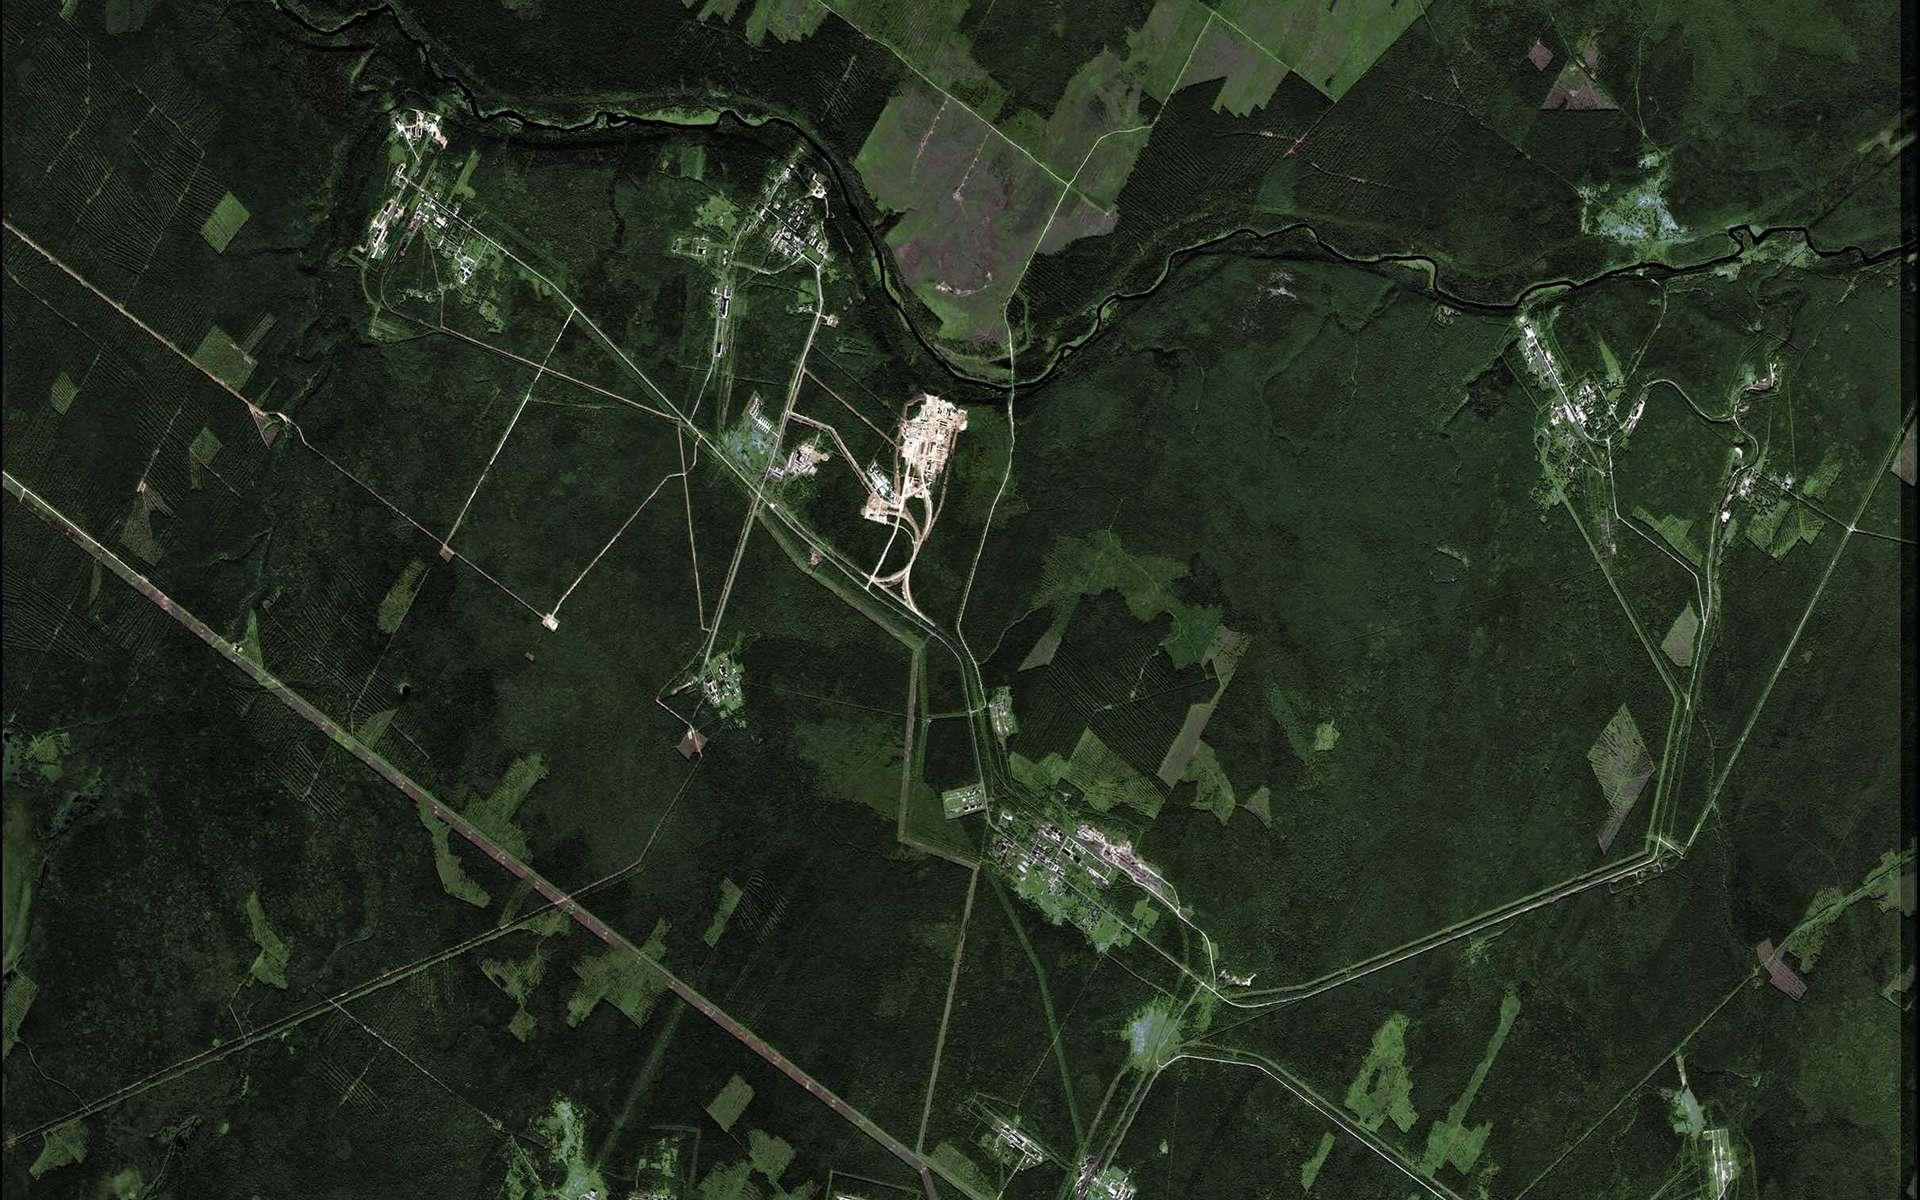 Entourée par la forêt boréale, la rivière Severnaya serpente en haut de l'image. La ville de Plesetsk se situe à quelque 30 km au sud-ouest de la grande boucle de la rivière. Crédit Kompsat 2/Esa